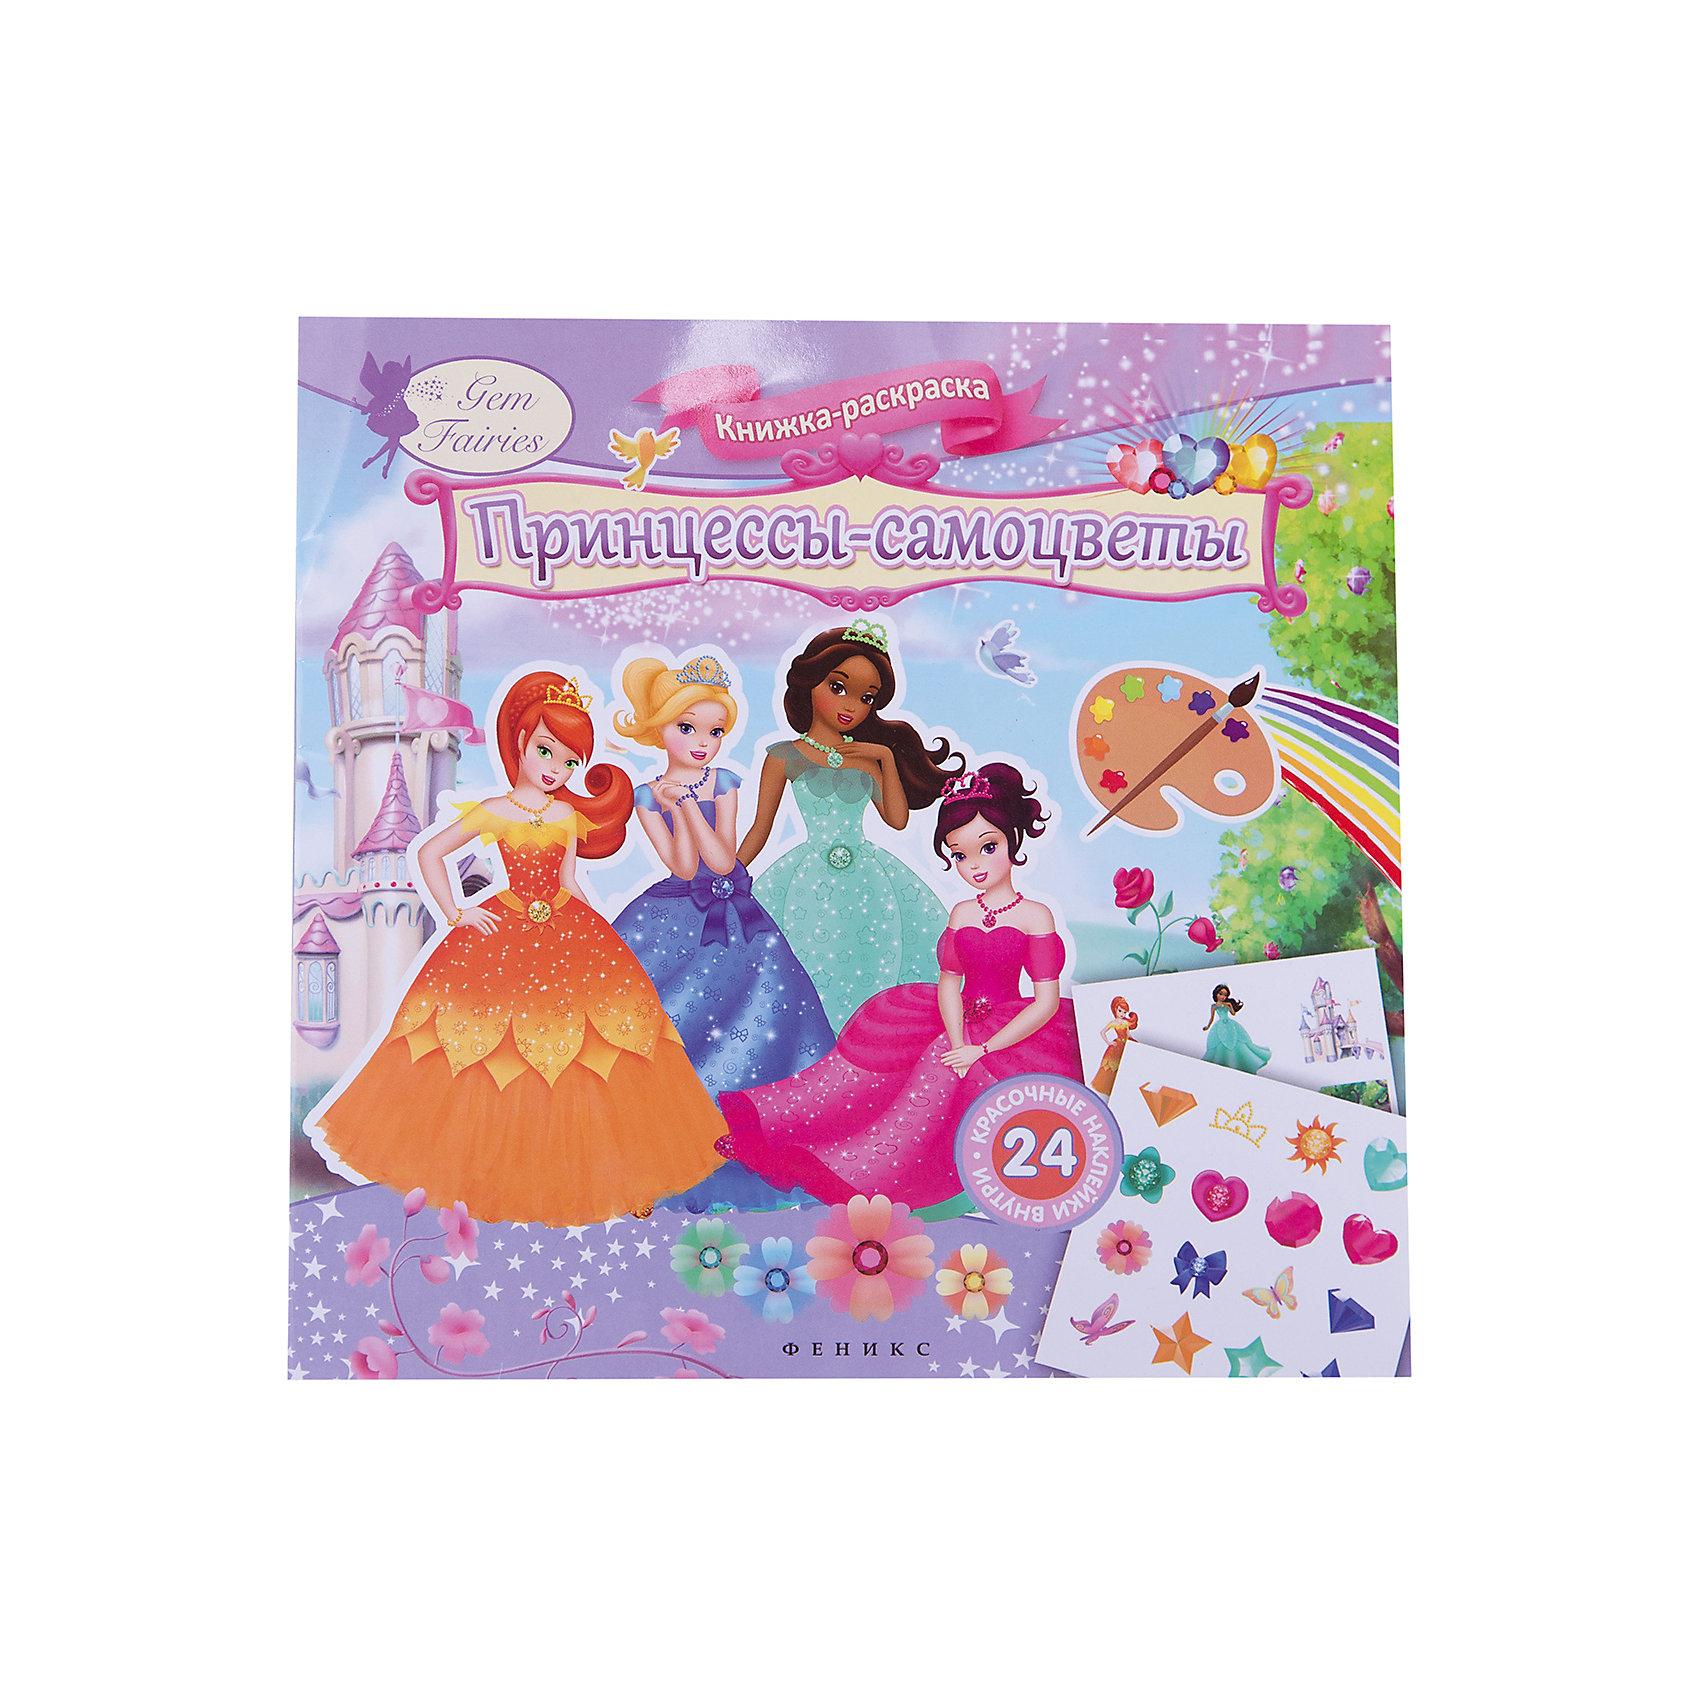 Принцессы-самоцветы: книжка-раскраскаРисование<br>Gem Fairies — известные во всем мире принцессы, которые умеют превращаться в волшебных фей. Теперь они есть и в России! Развивать мелкую моторику и учиться работать с цветом в компании этих изящных и стильных принцесс занимательно и увлекательно!<br>Принцессы Рубин, Янтарь, Сапфир и Изумруд помогут развить творческие навыки, внимательность и усидчивость и занять ребенка в течение нескольких часов.<br><br>Ширина мм: 228<br>Глубина мм: 238<br>Высота мм: 1<br>Вес г: 248<br>Возраст от месяцев: 36<br>Возраст до месяцев: 72<br>Пол: Унисекс<br>Возраст: Детский<br>SKU: 5480317